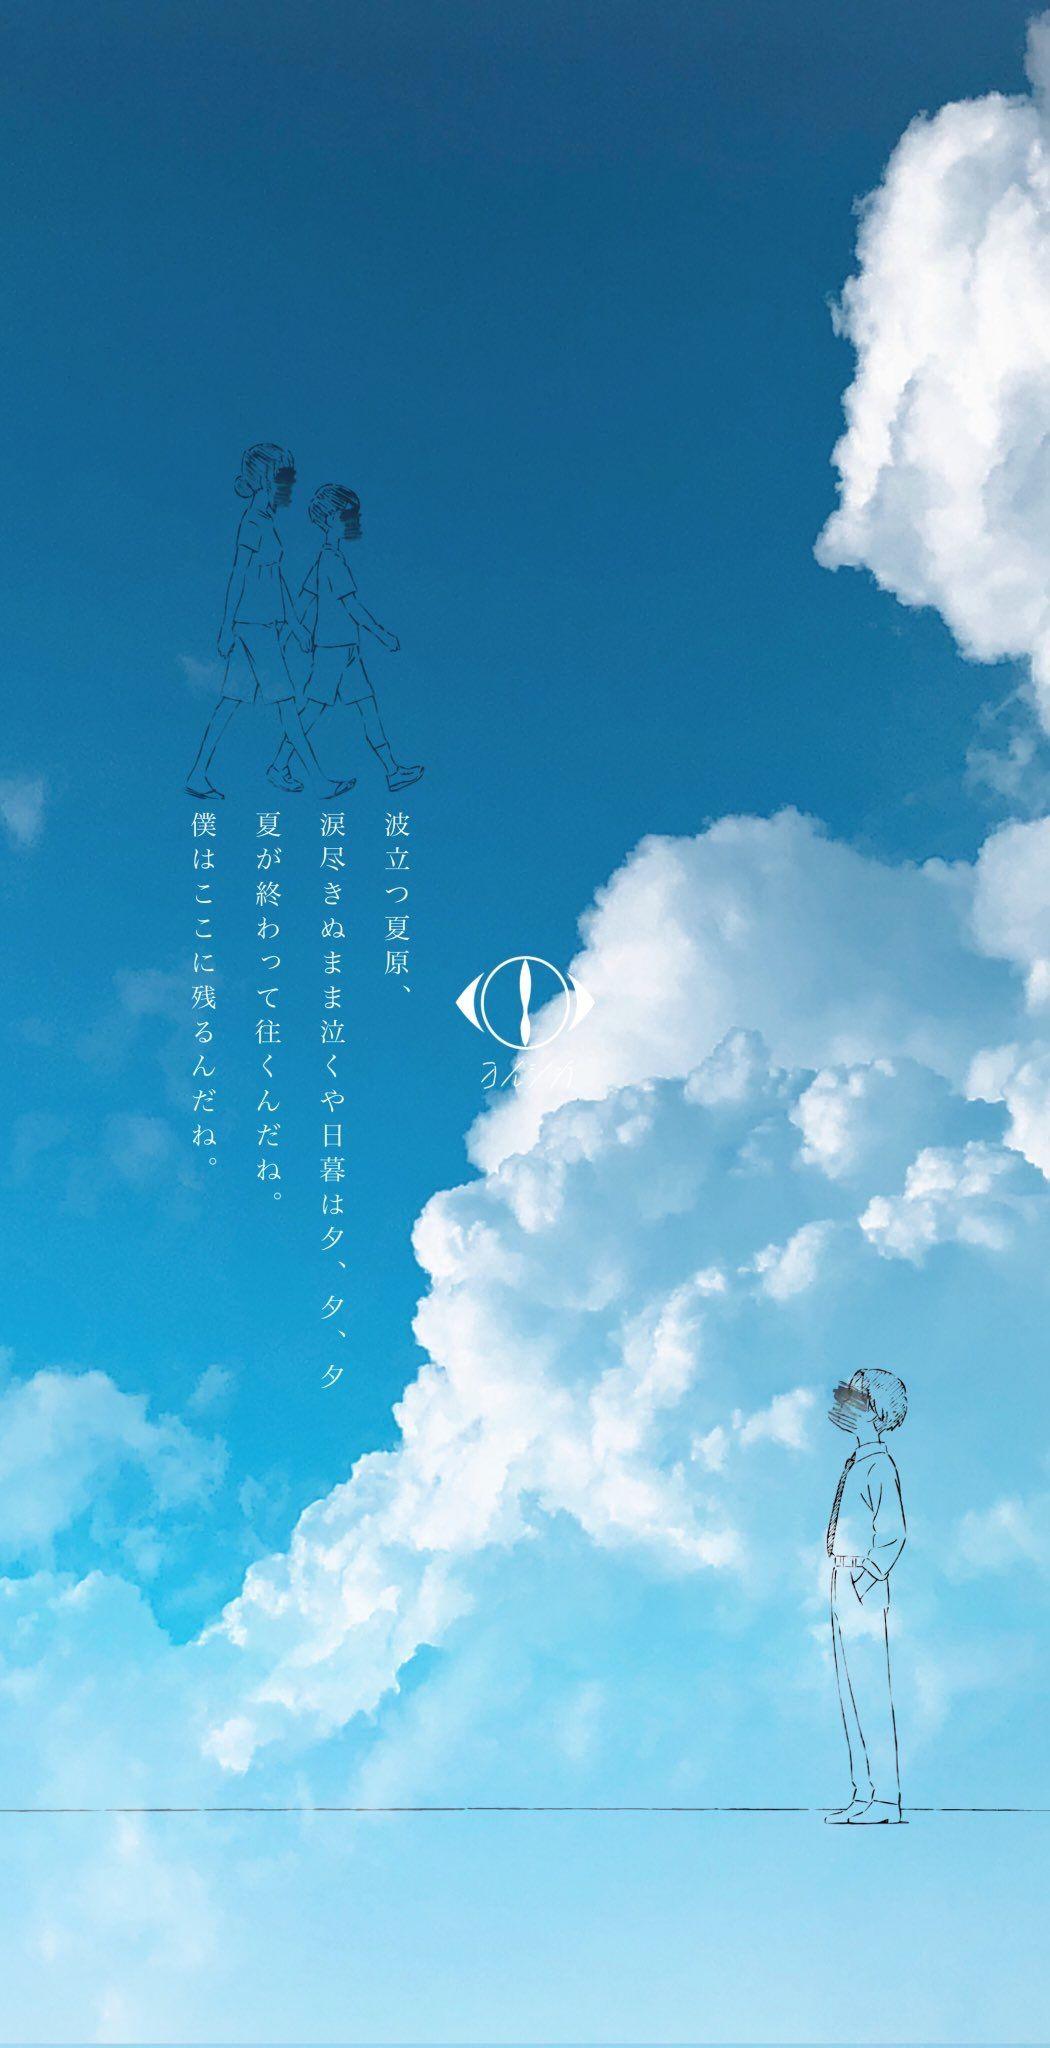 Yorusika おしゃれまとめの人気アイデア Pinterest 大樹 鈴木 Stussy 壁紙 ノスタルジック 画像 風景